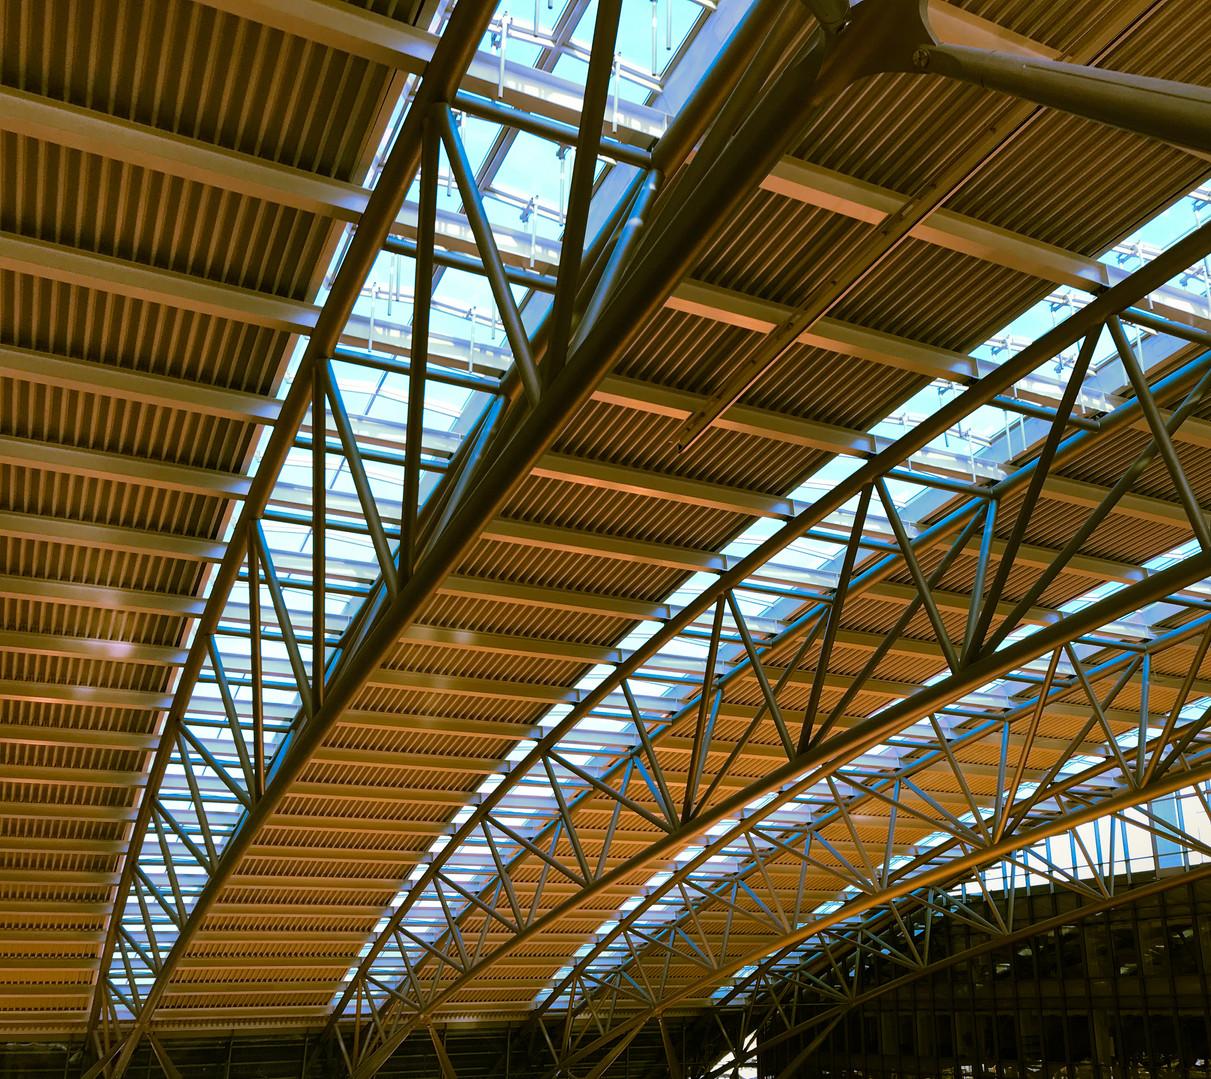 Hamburg International Airport